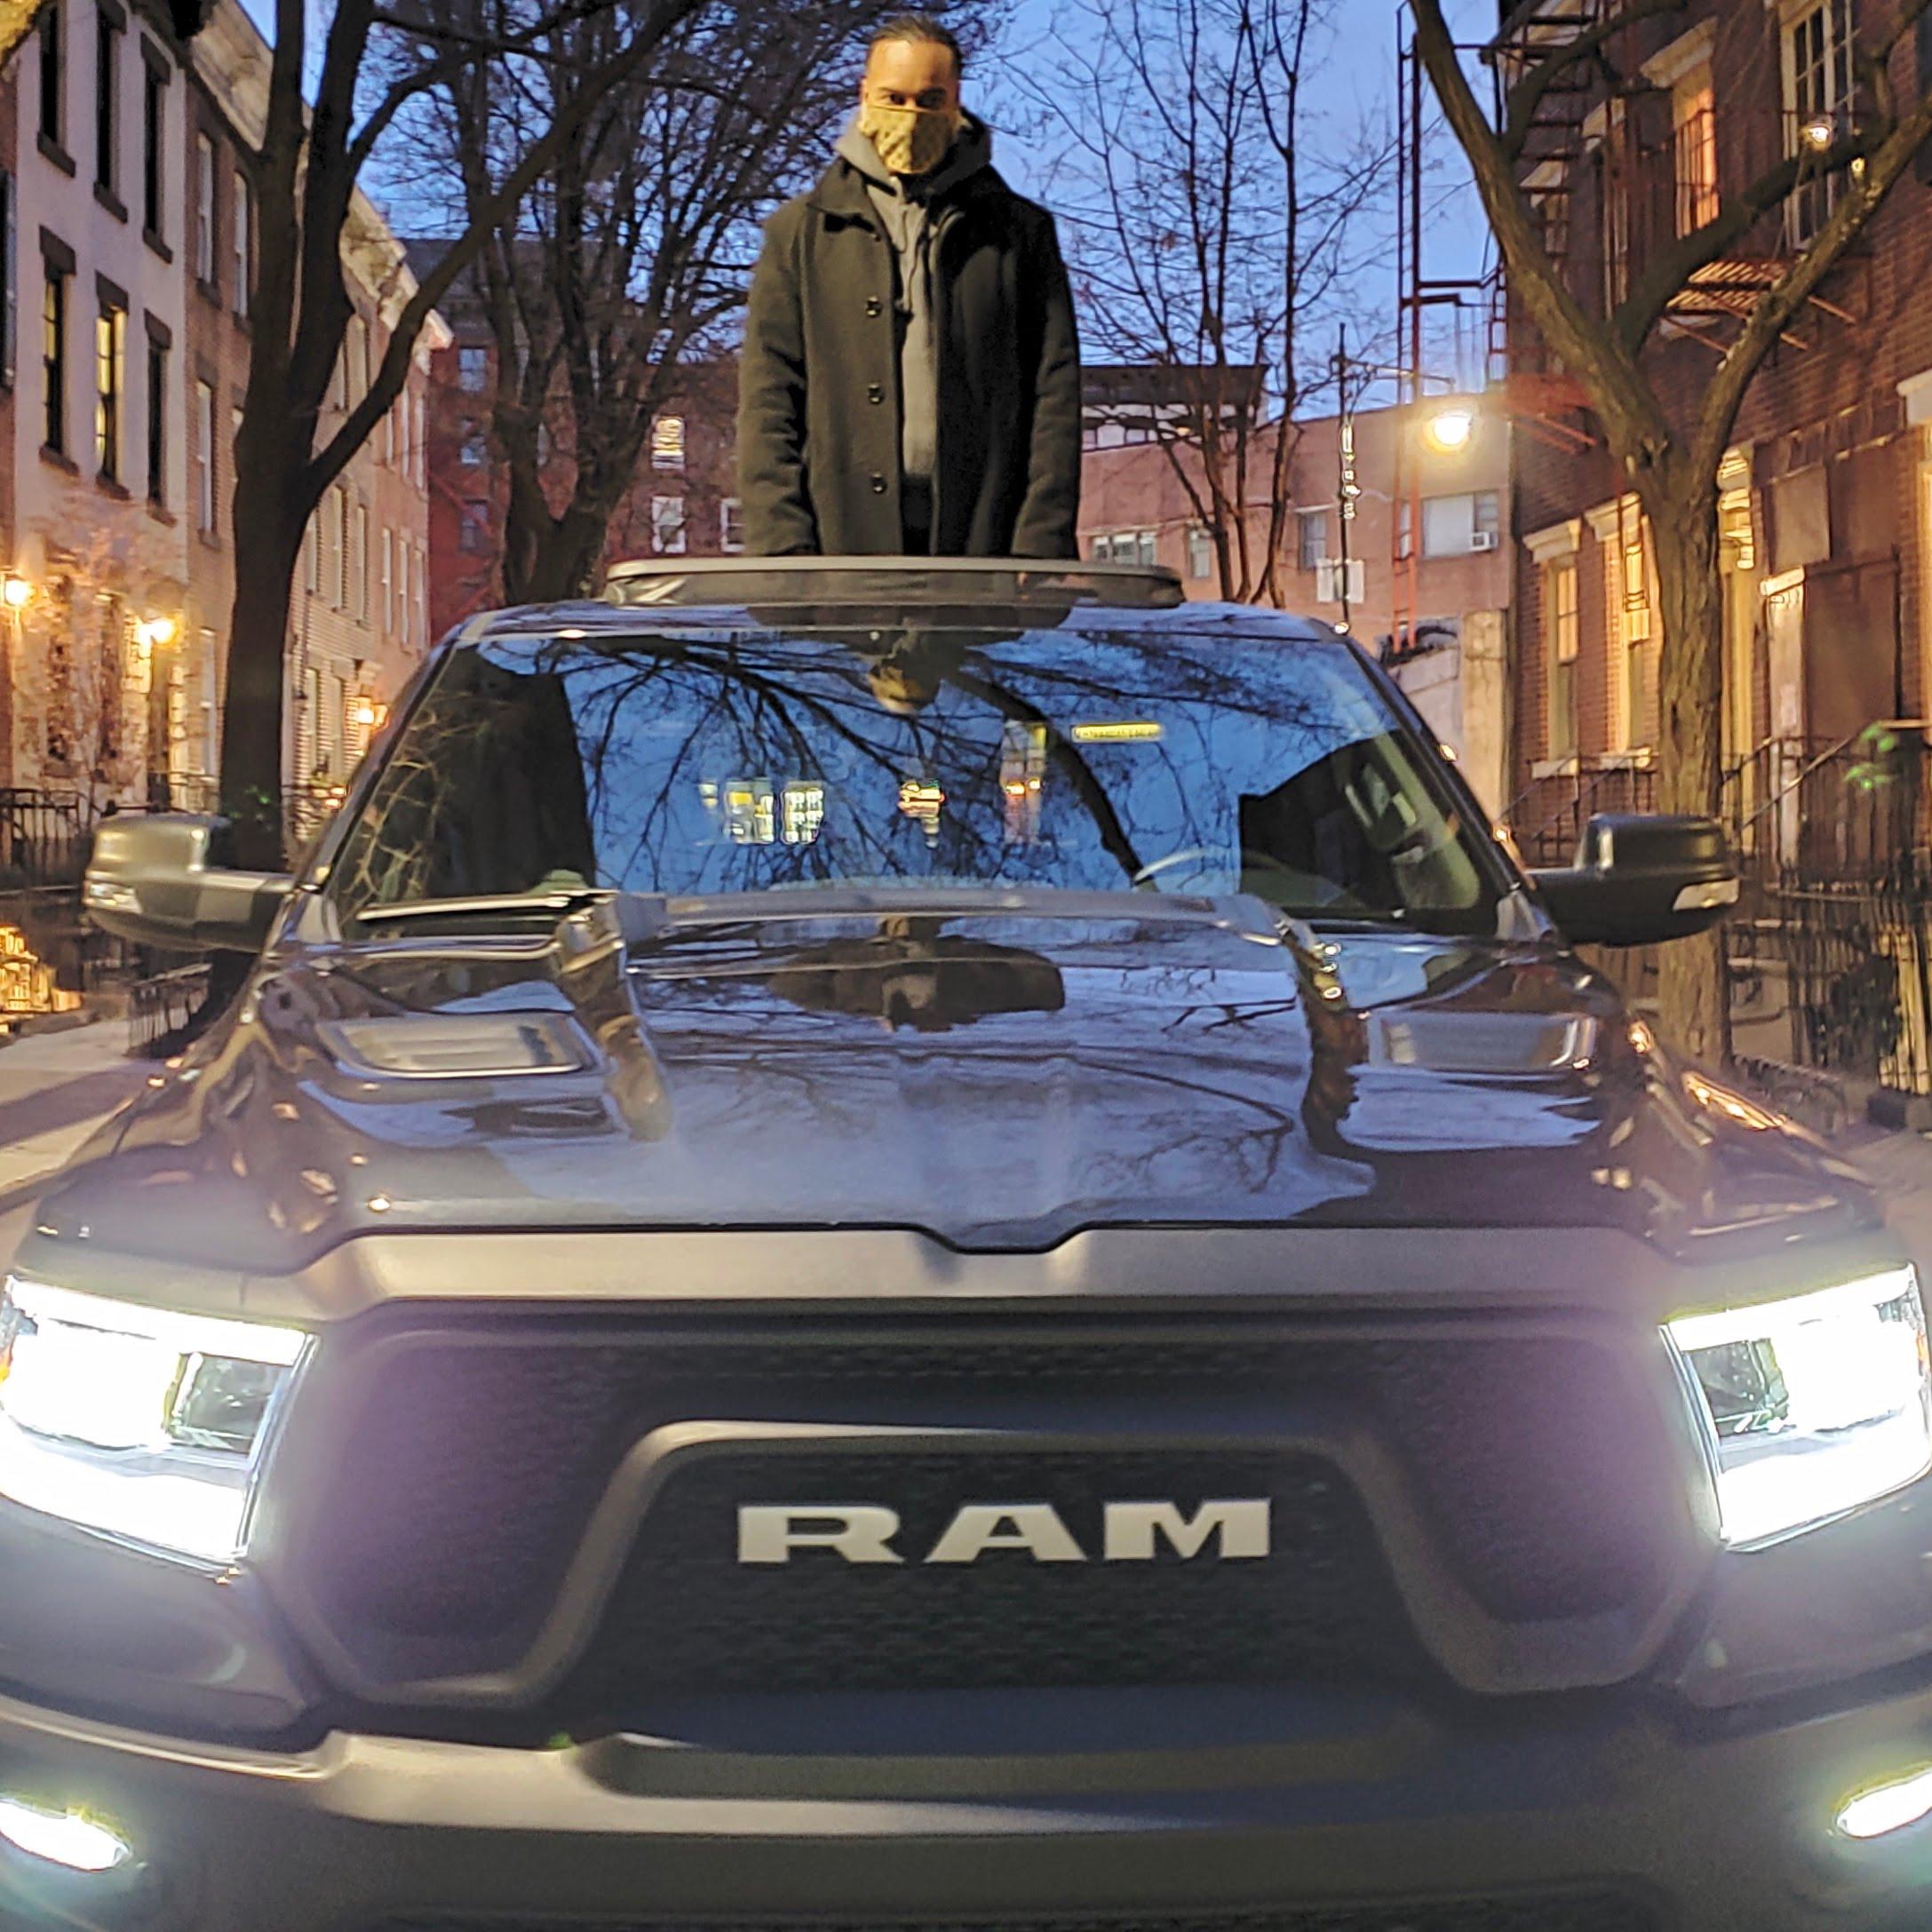 Ram Trucks, 360 MAGAZINE, Vaughn Lowery